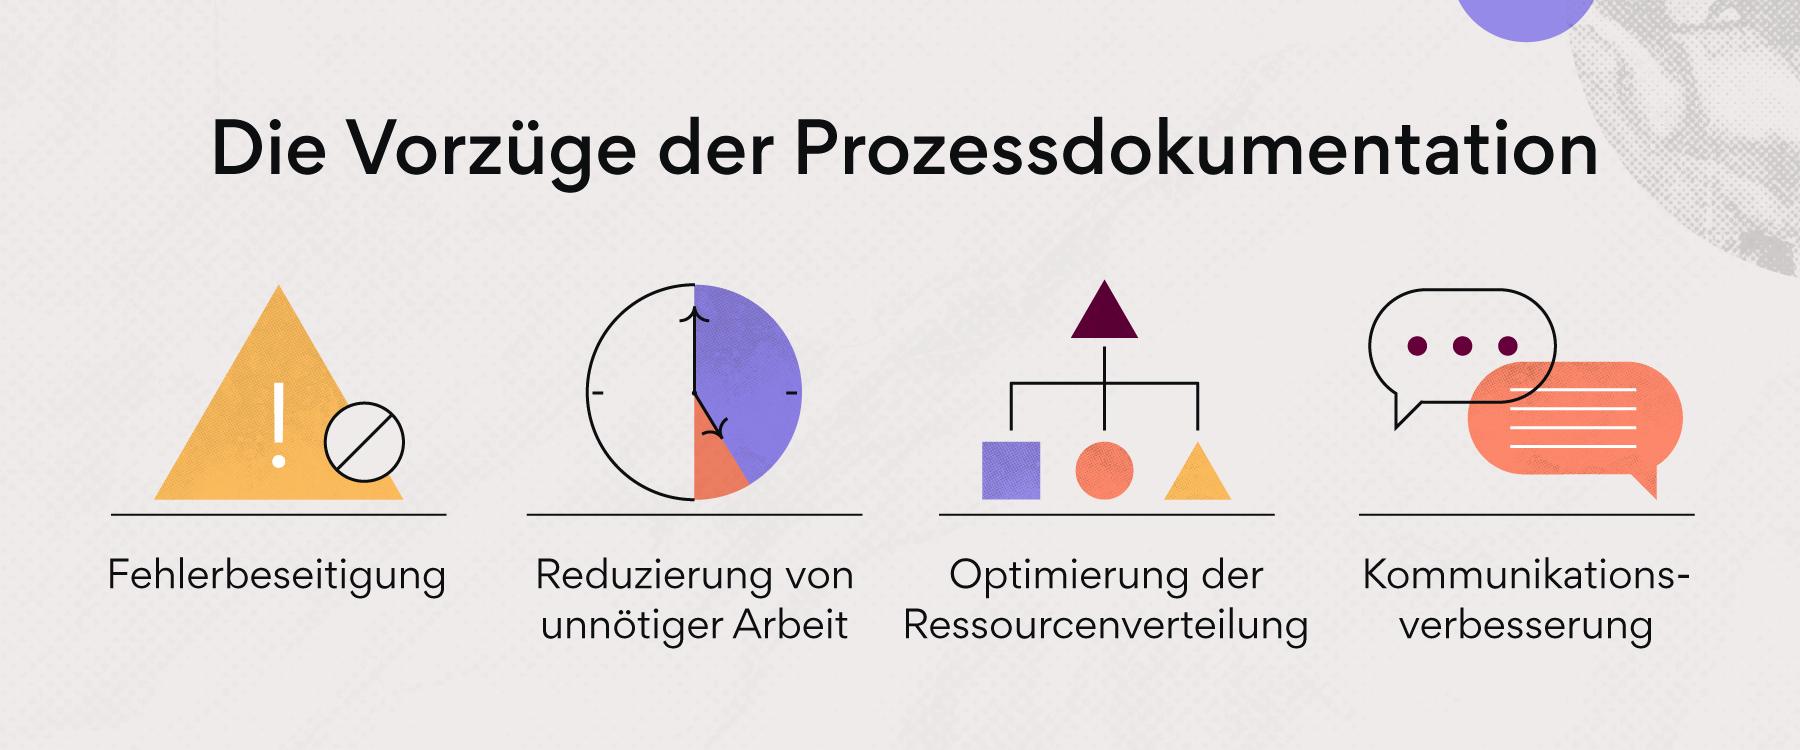 Vorteile der Prozessdokumentation